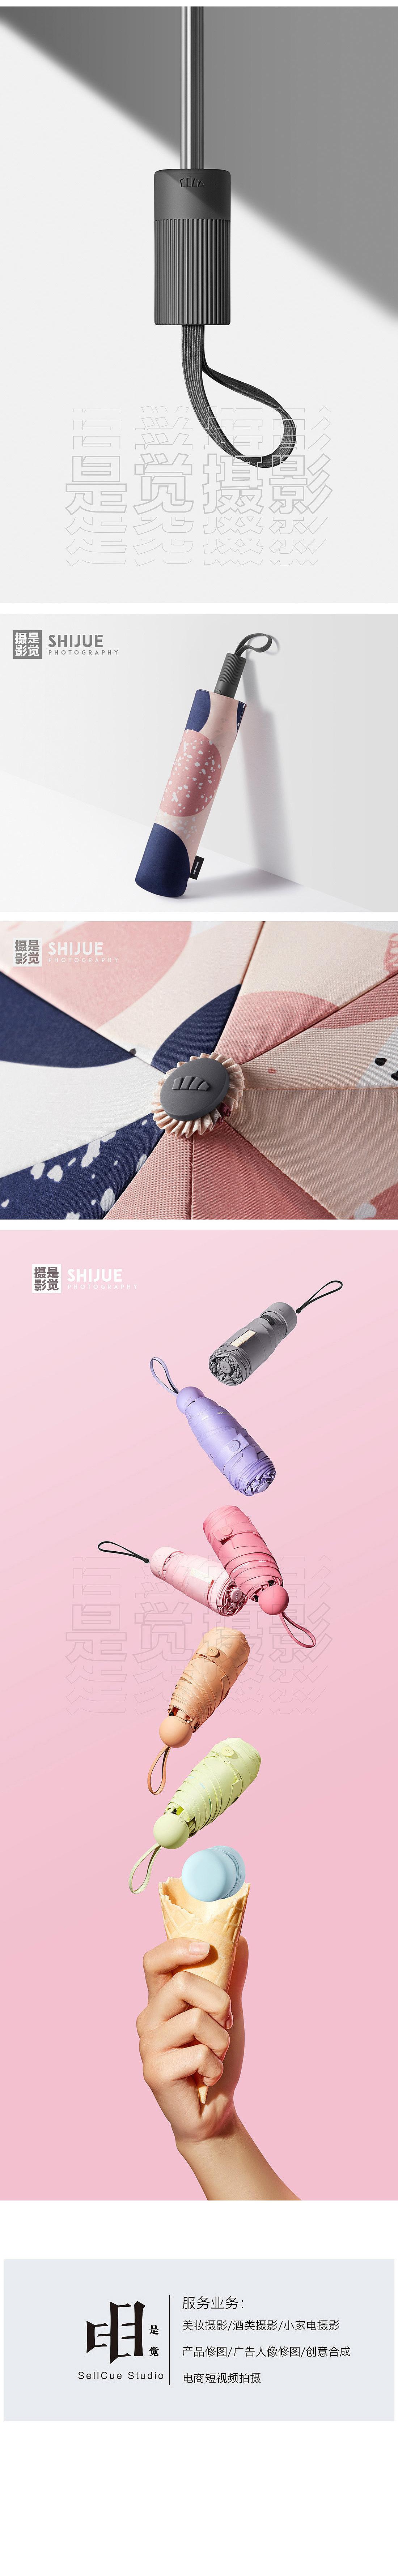 蕉下伞 摄影修图 X 是觉摄影